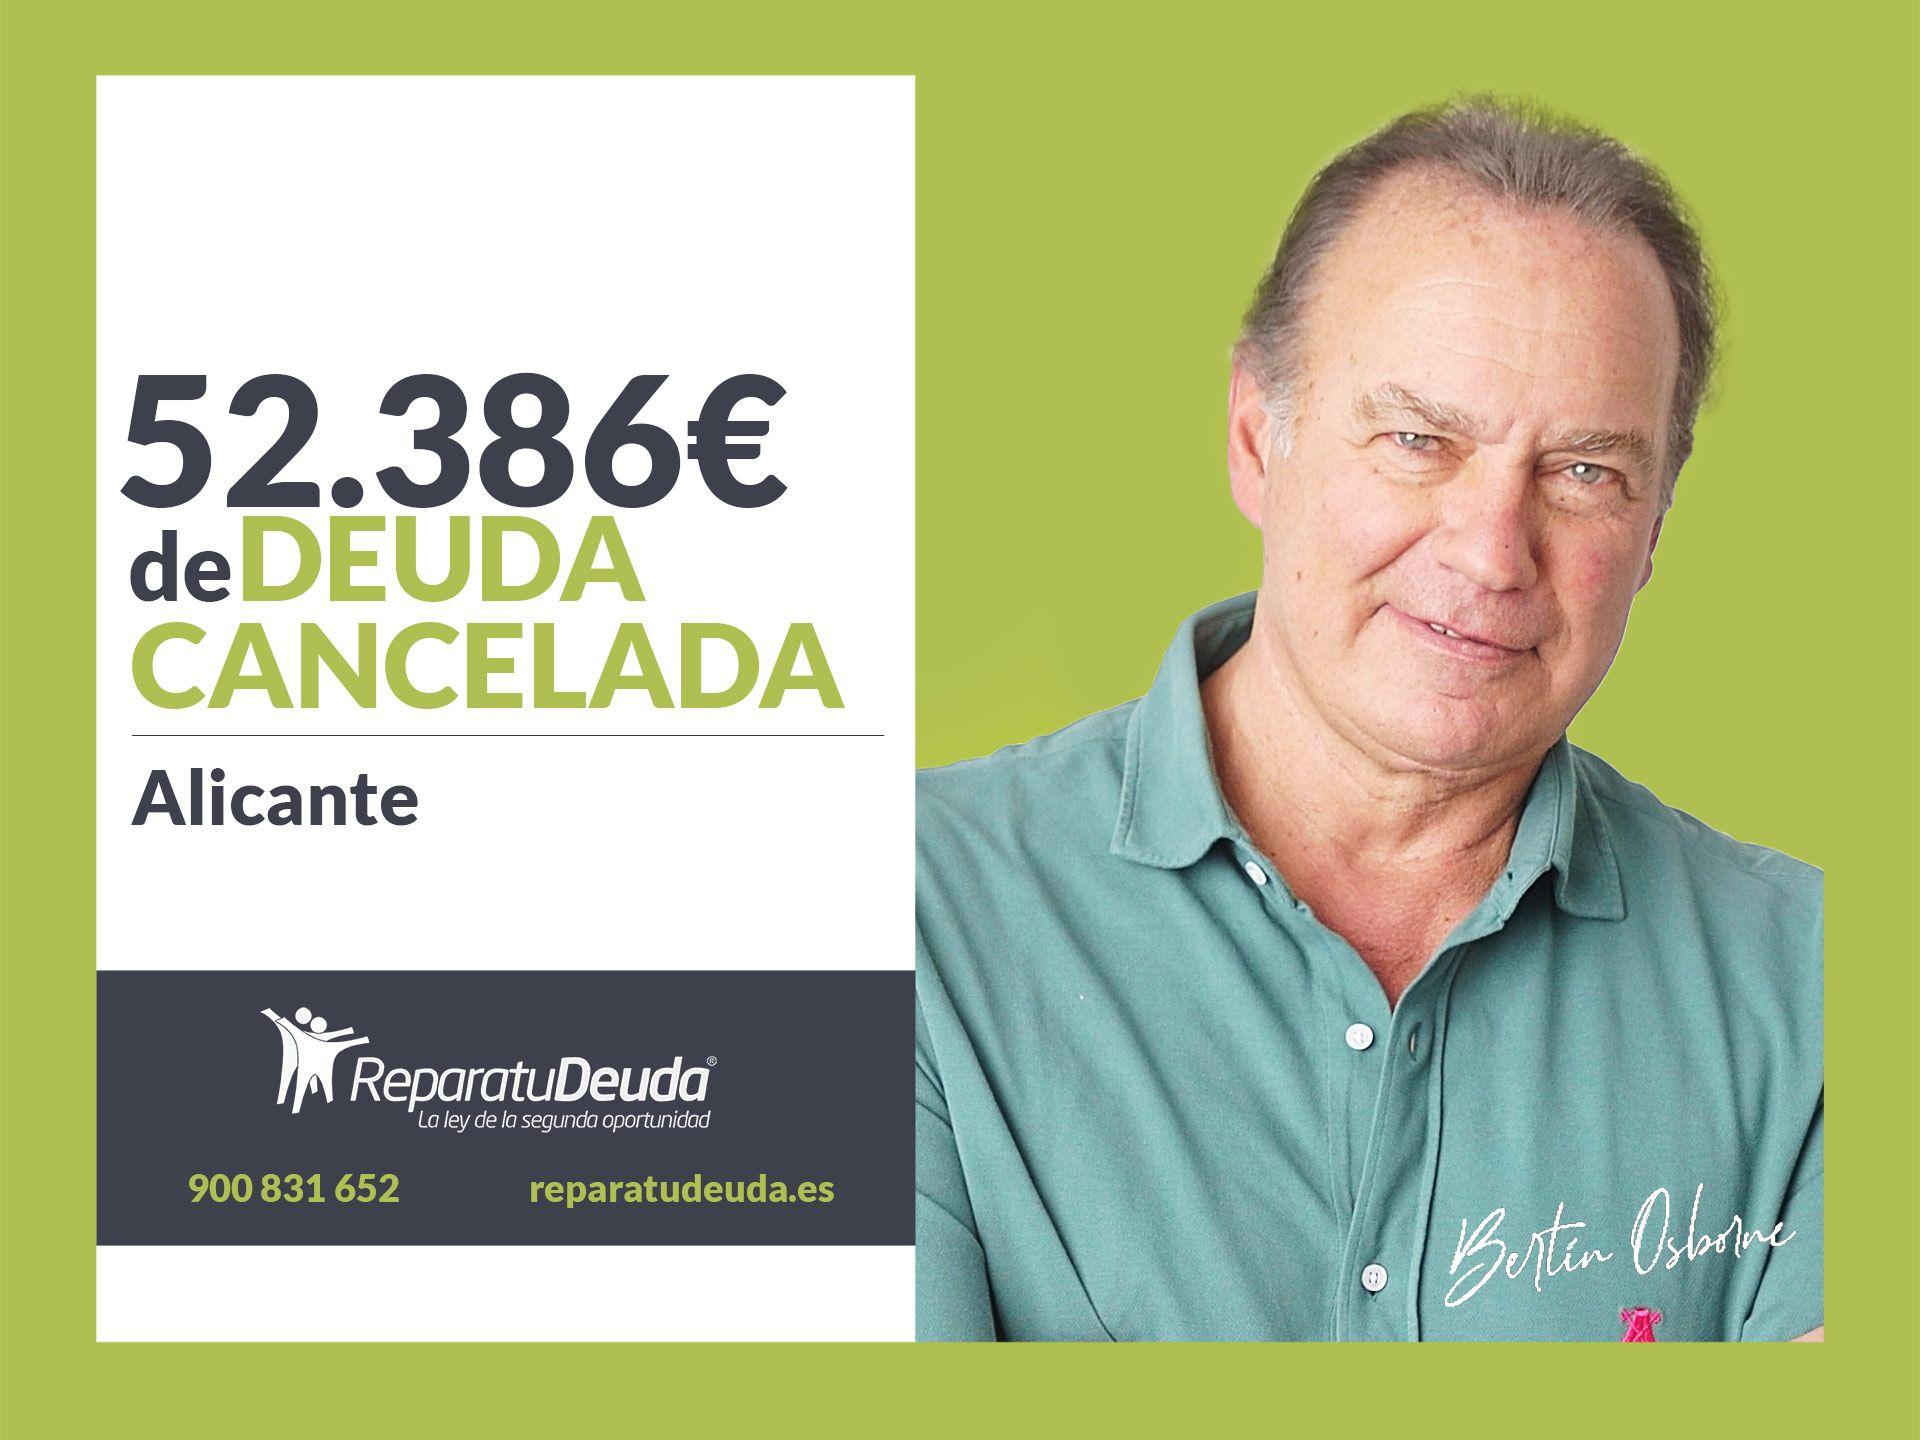 Repara tu Deuda Abogados cancela 52.386 € en Alicante con la Ley de la Segunda Oportunidad